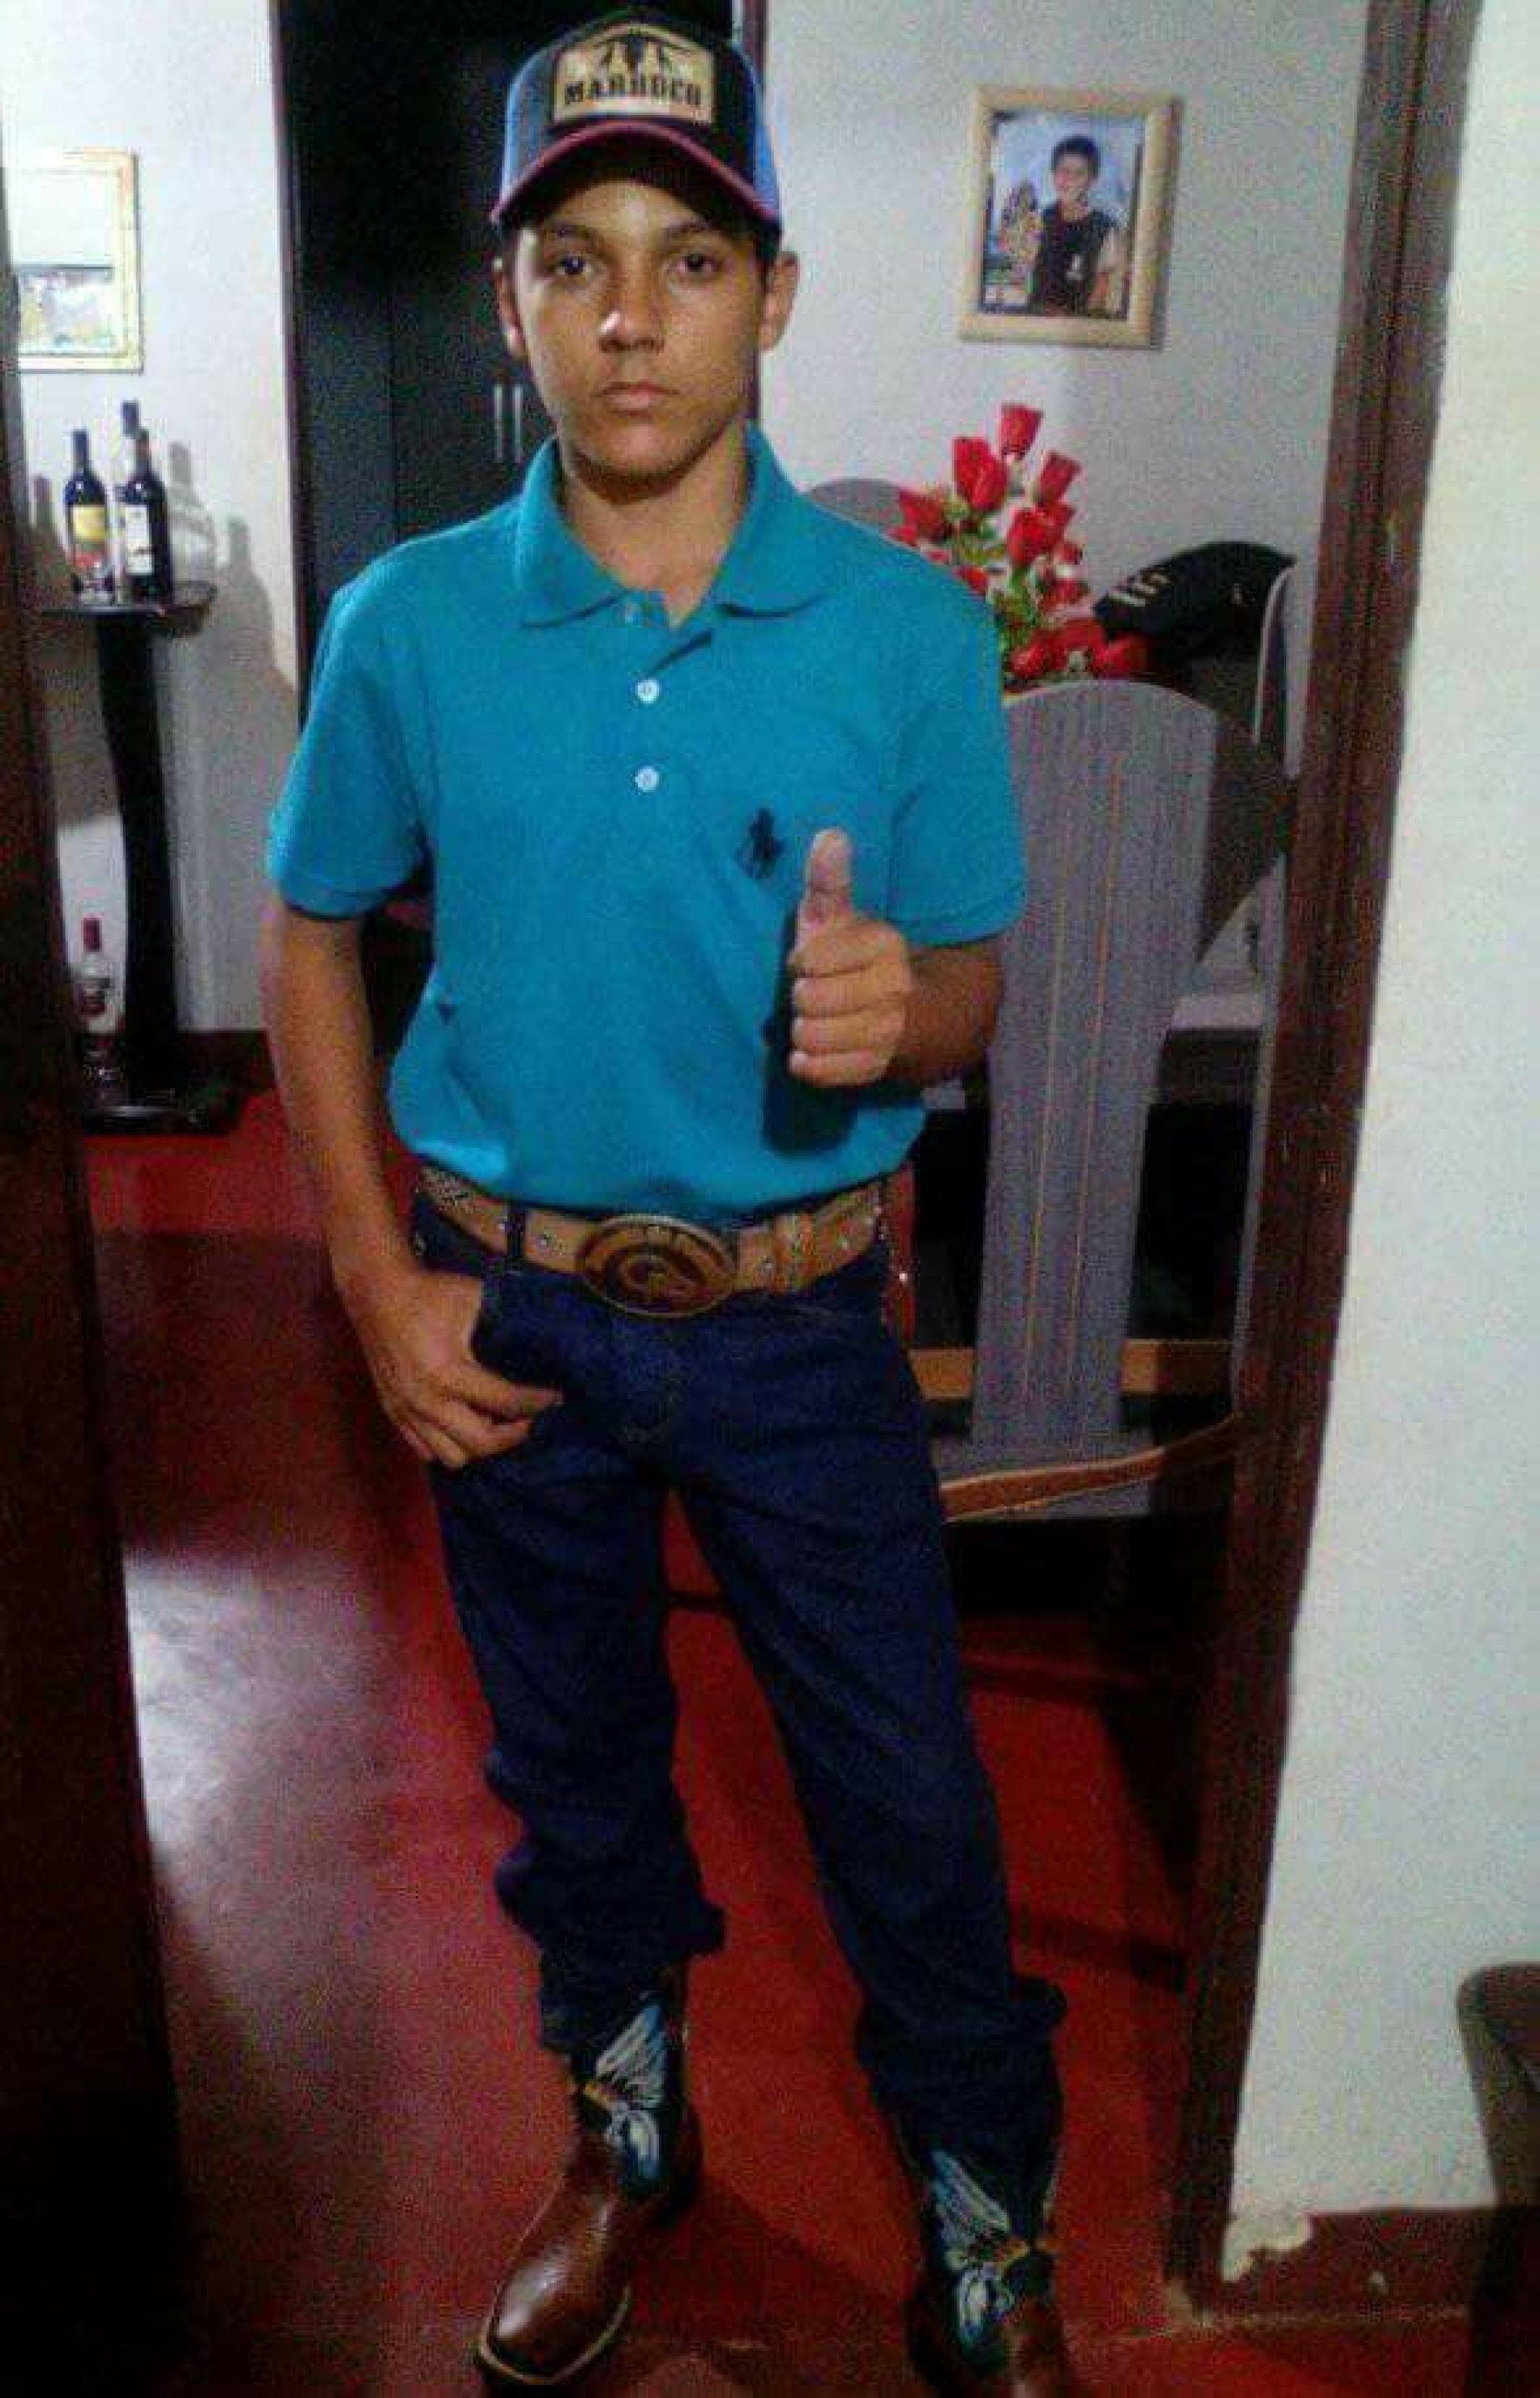 FATALIDADE NA REGIÃO DE RIO PRETO: Adolescente de 15 anos morre após cair de cavalo